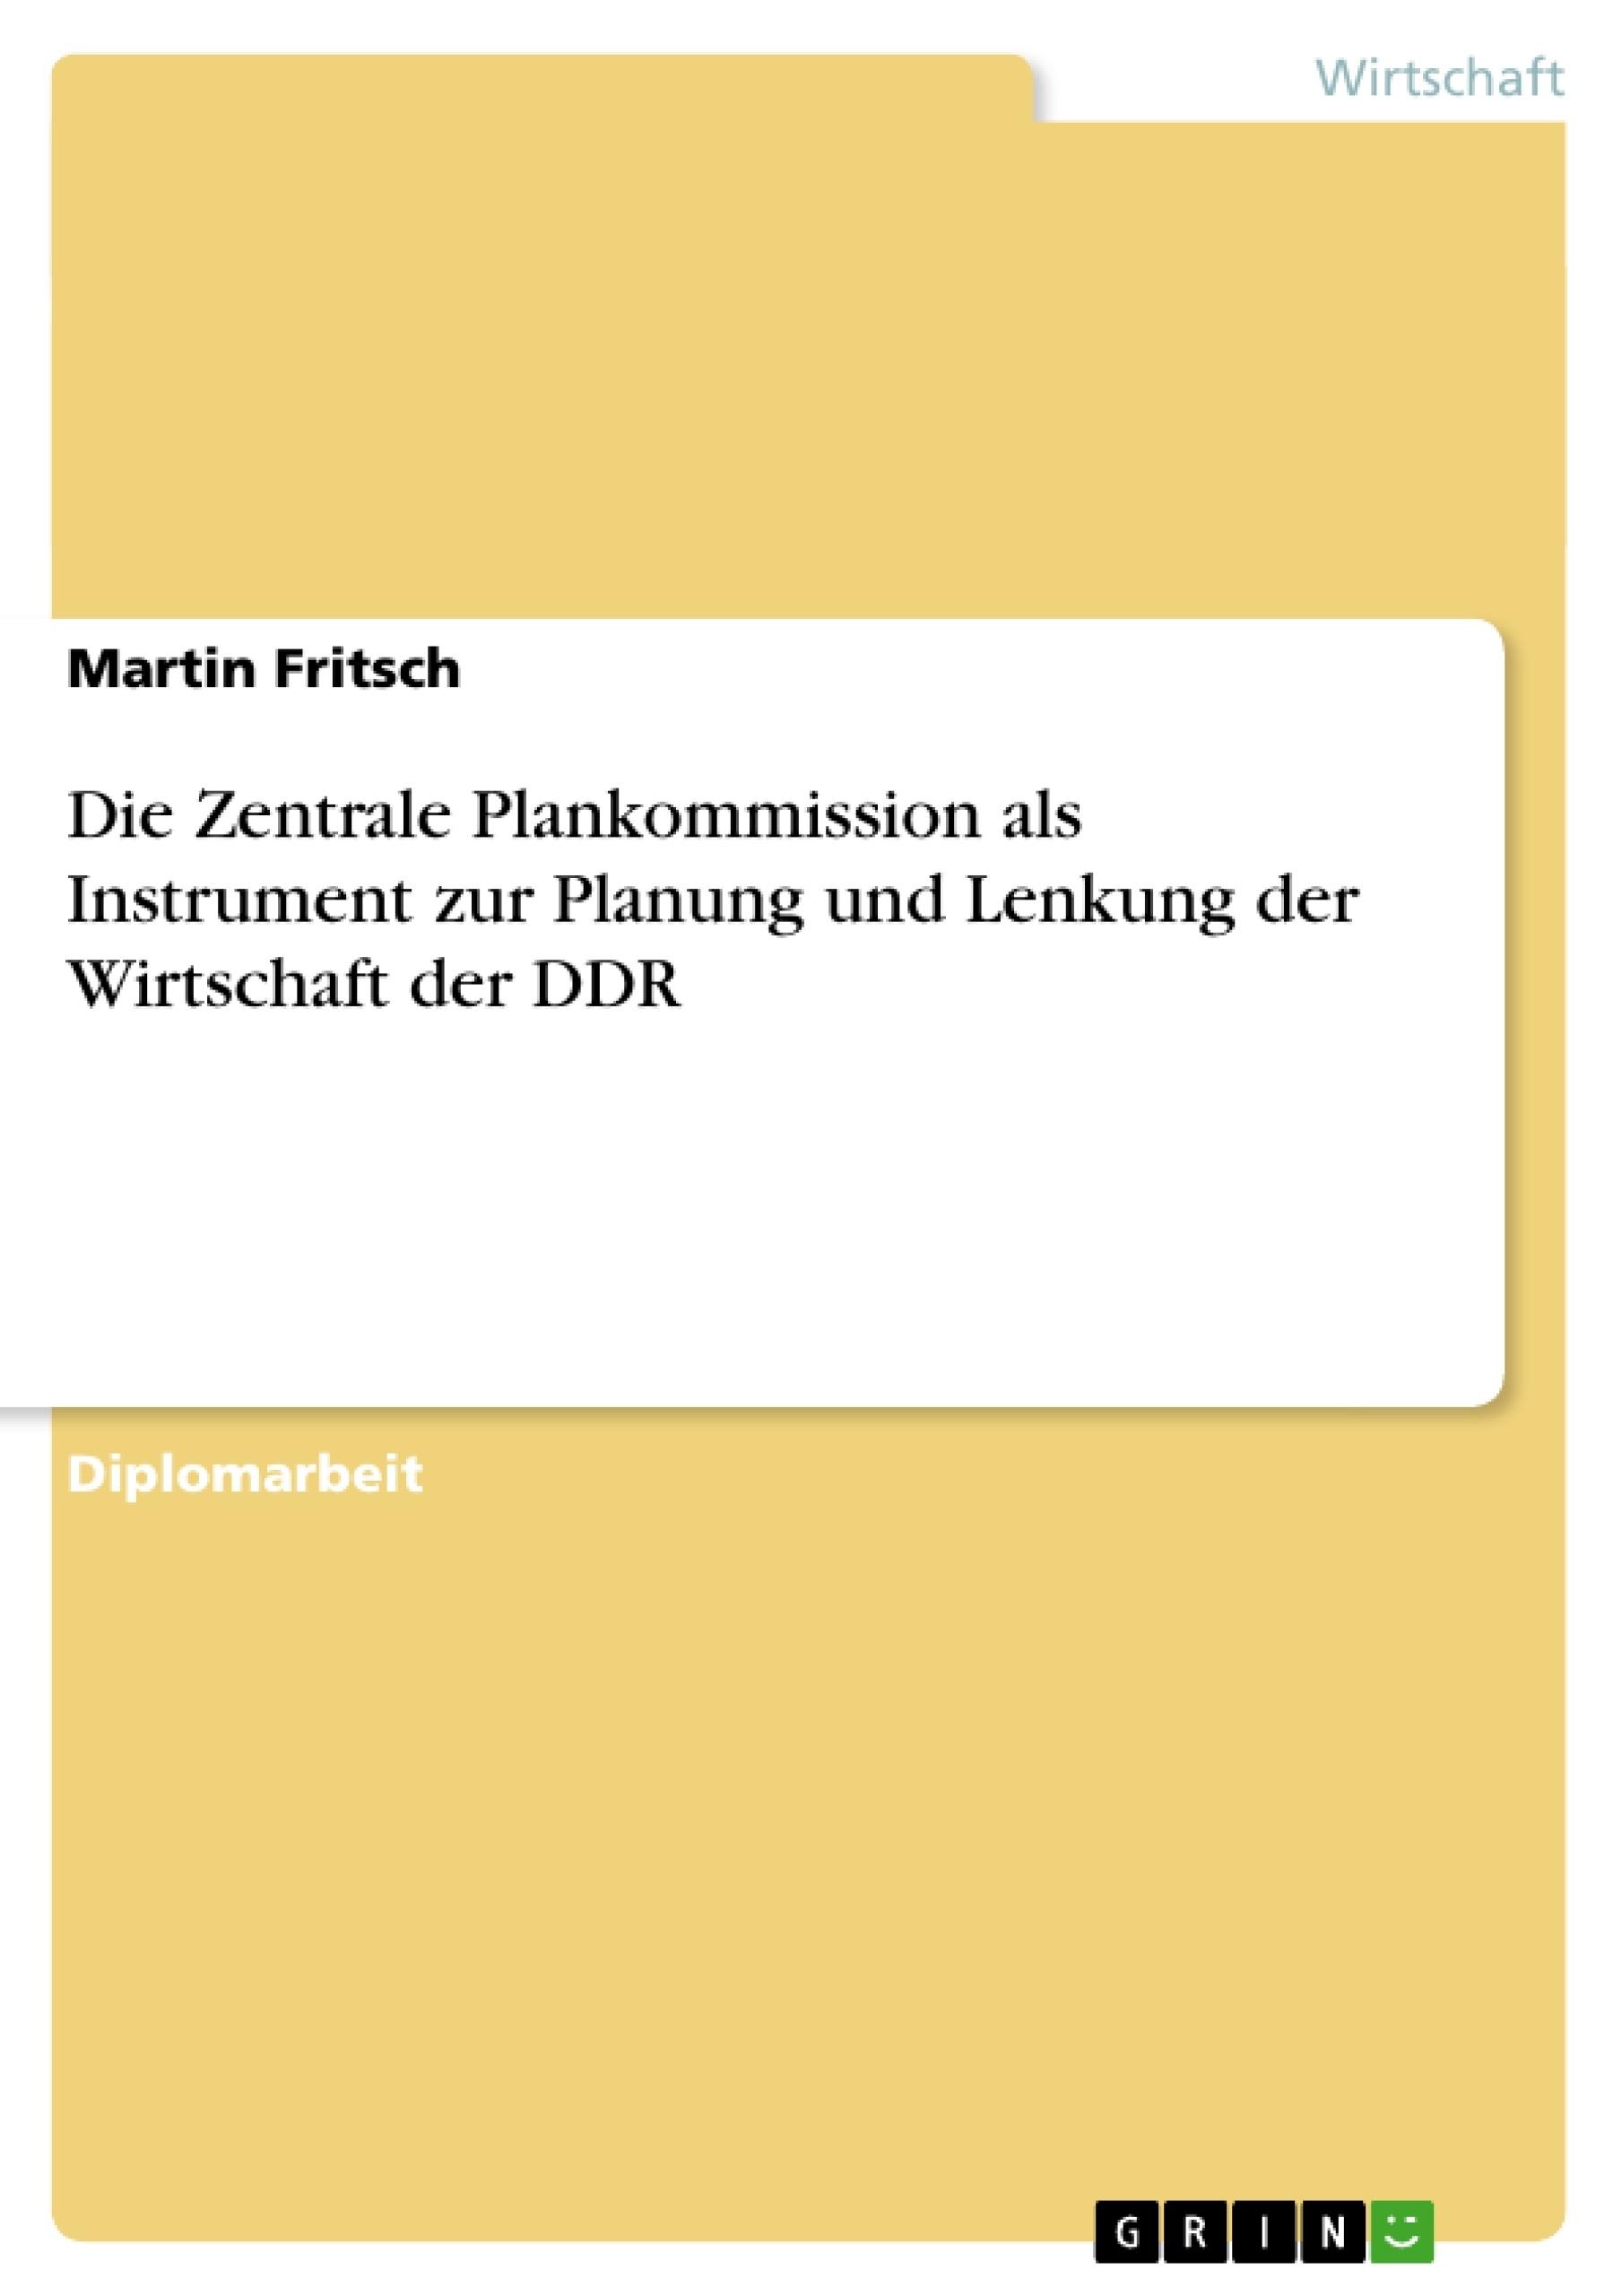 Titel: Die Zentrale Plankommission als Instrument zur Planung und Lenkung der Wirtschaft der DDR